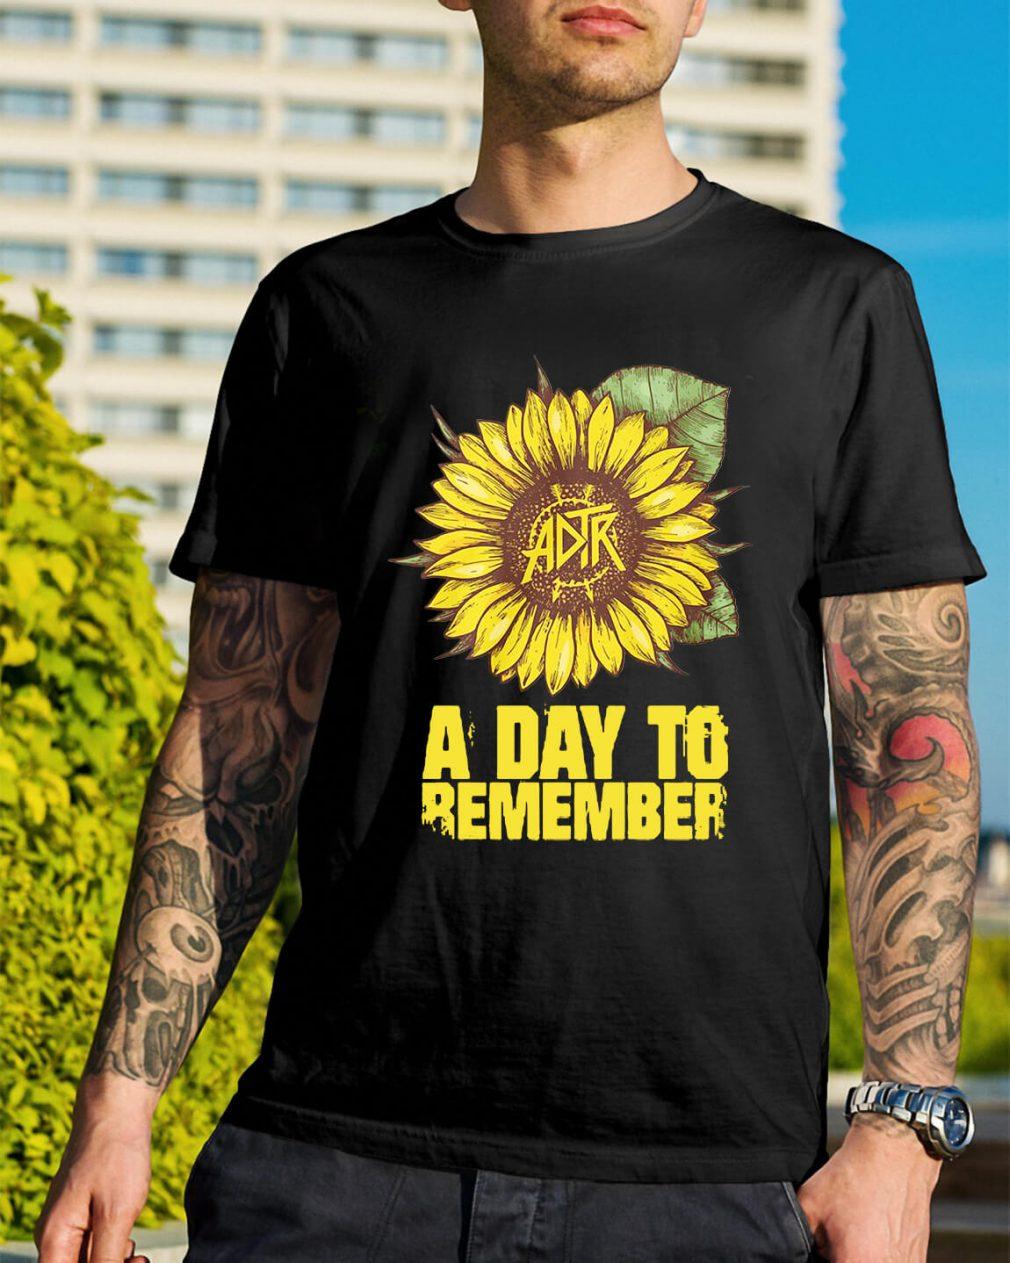 Sunflower ADTR aday to remember shirt